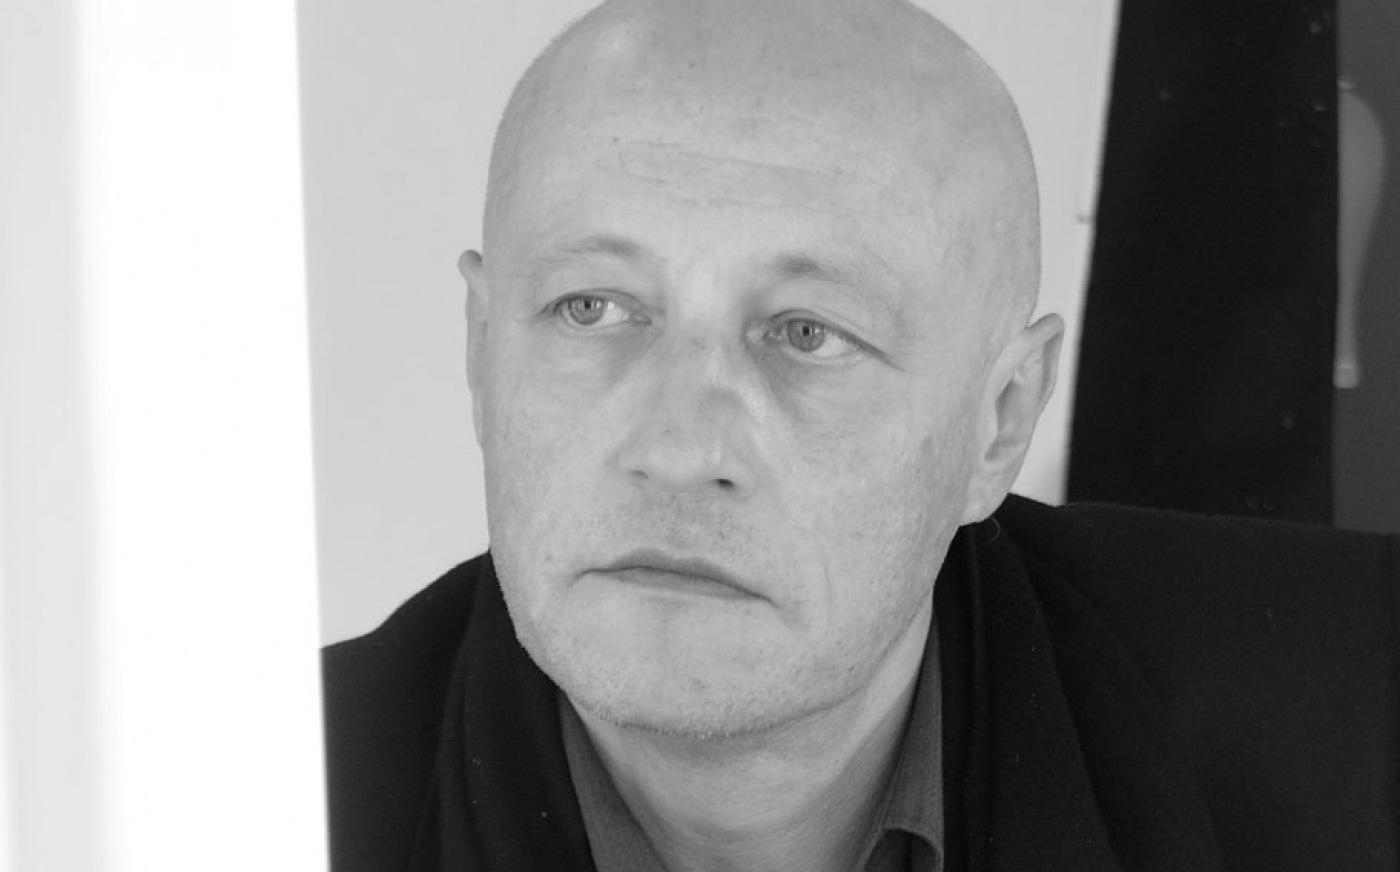 Bild von Helmut Schäfer